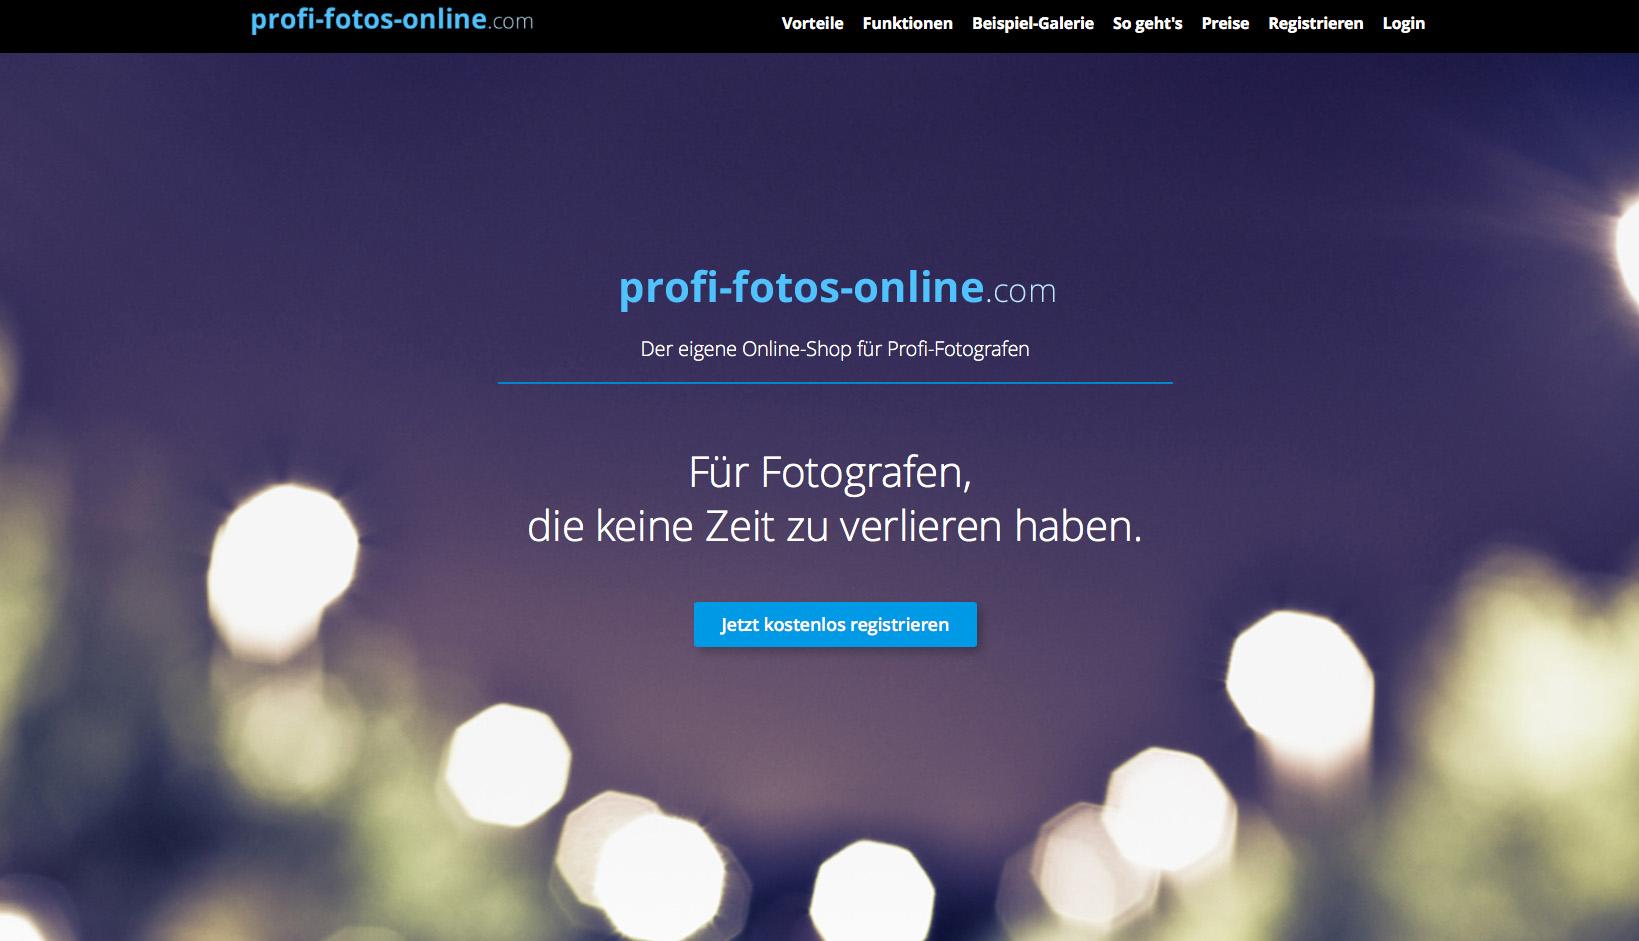 profi-fotos-online.de